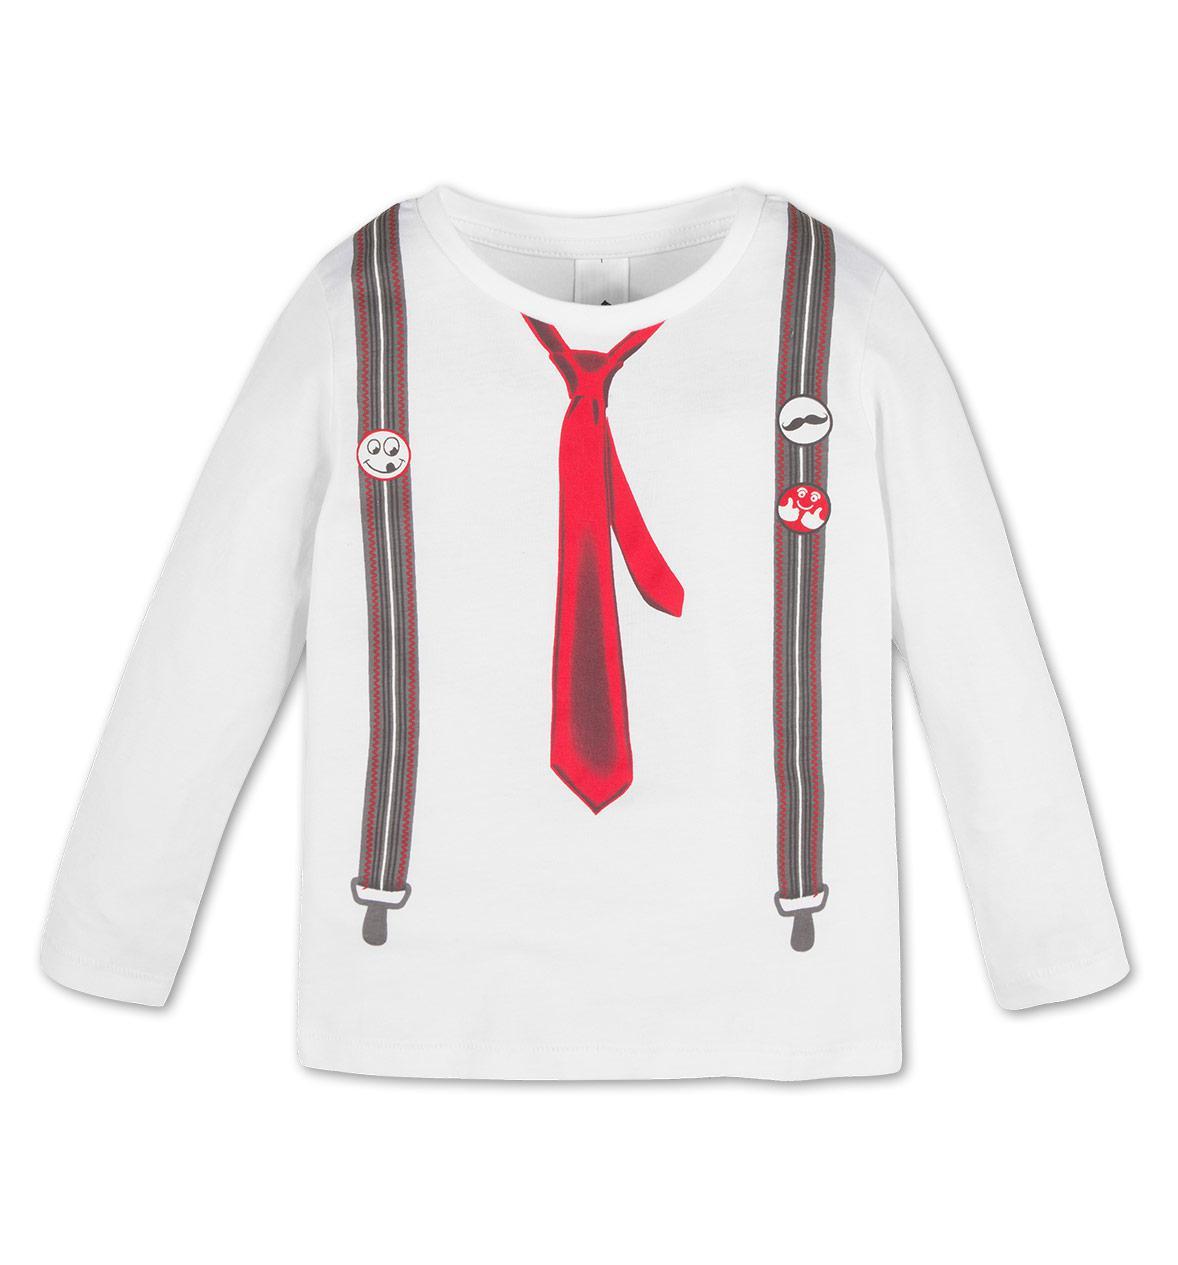 Стильный реглан с галстуком на мальчика C&A Германия Размер 104